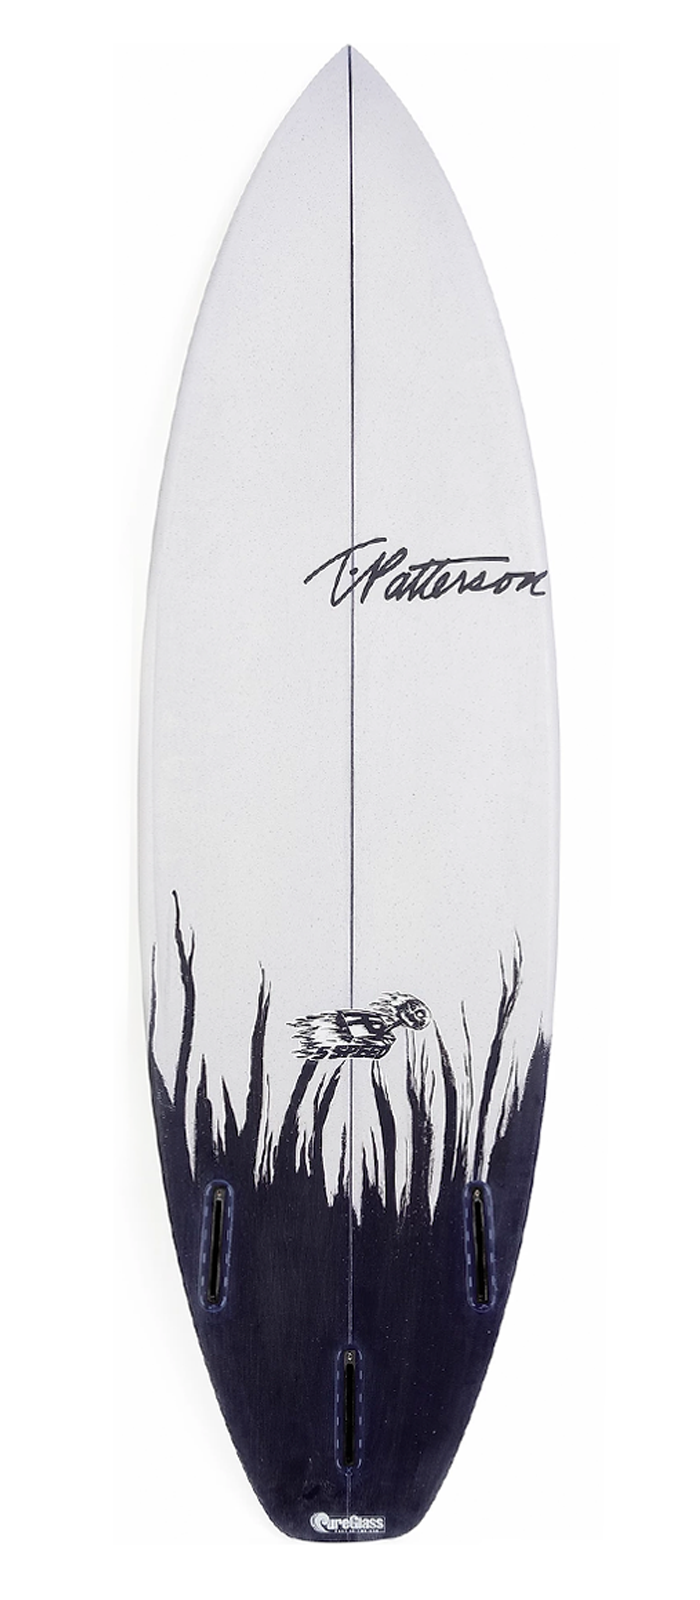 FIVE SPEED surfboard model bottom